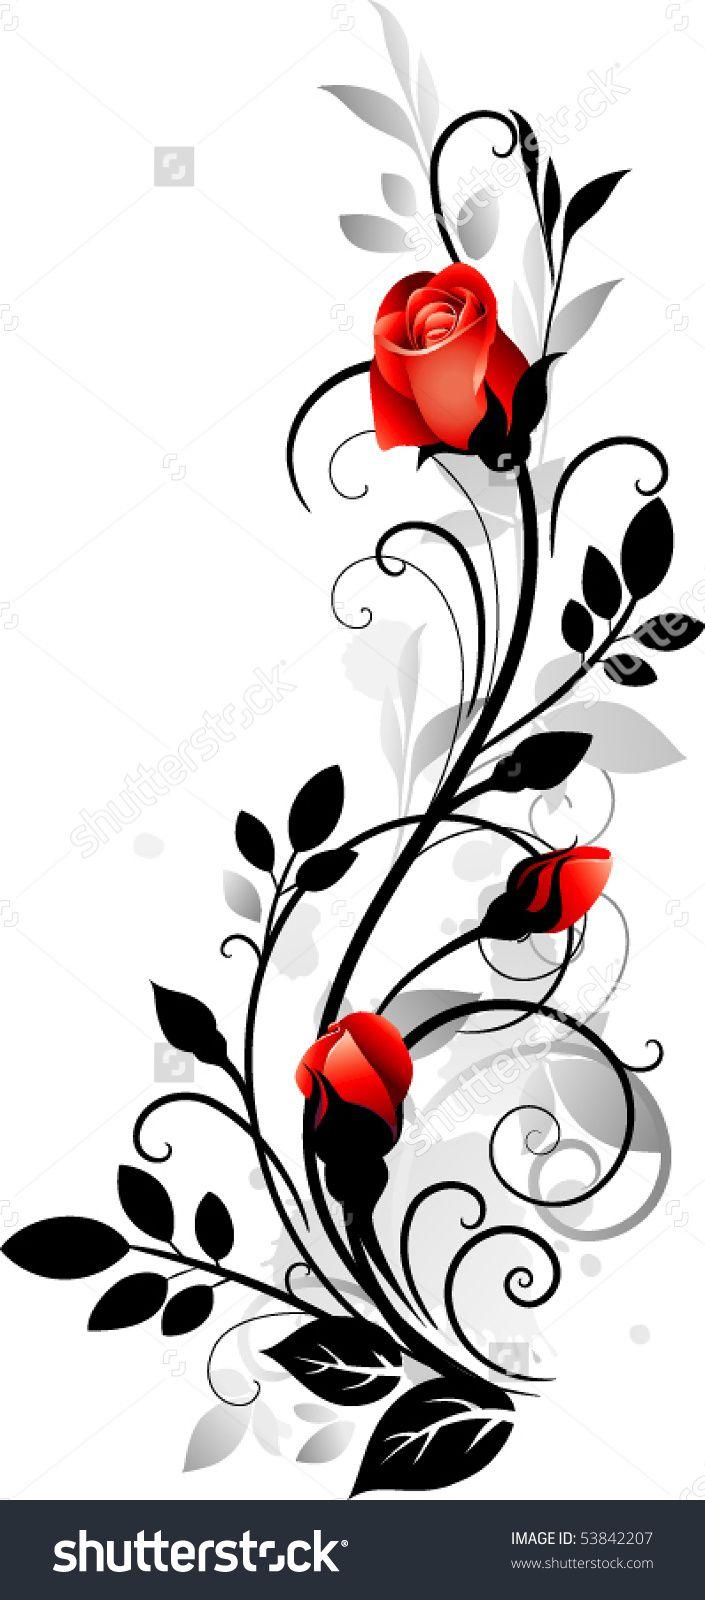 ornament with roses broderie pinterest dessin fleur. Black Bedroom Furniture Sets. Home Design Ideas